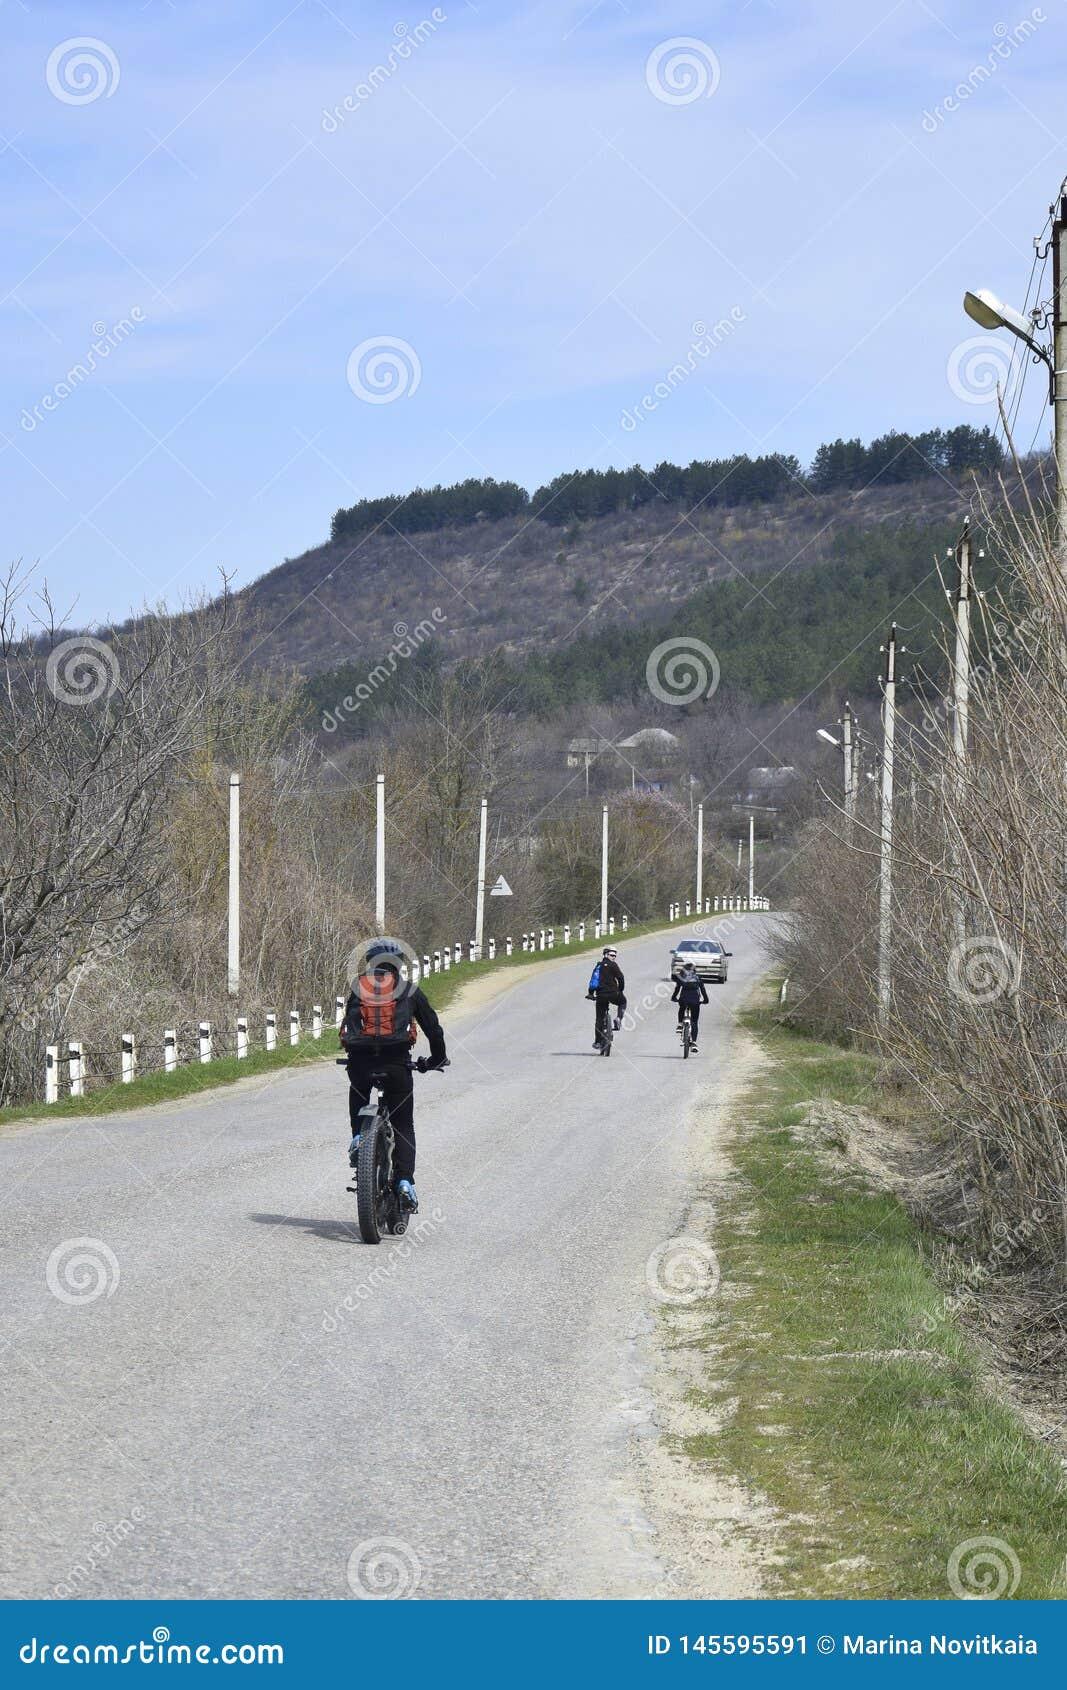 Grupa m?odzi cykli?ci jedzie wzd?u? asfaltowej drogi